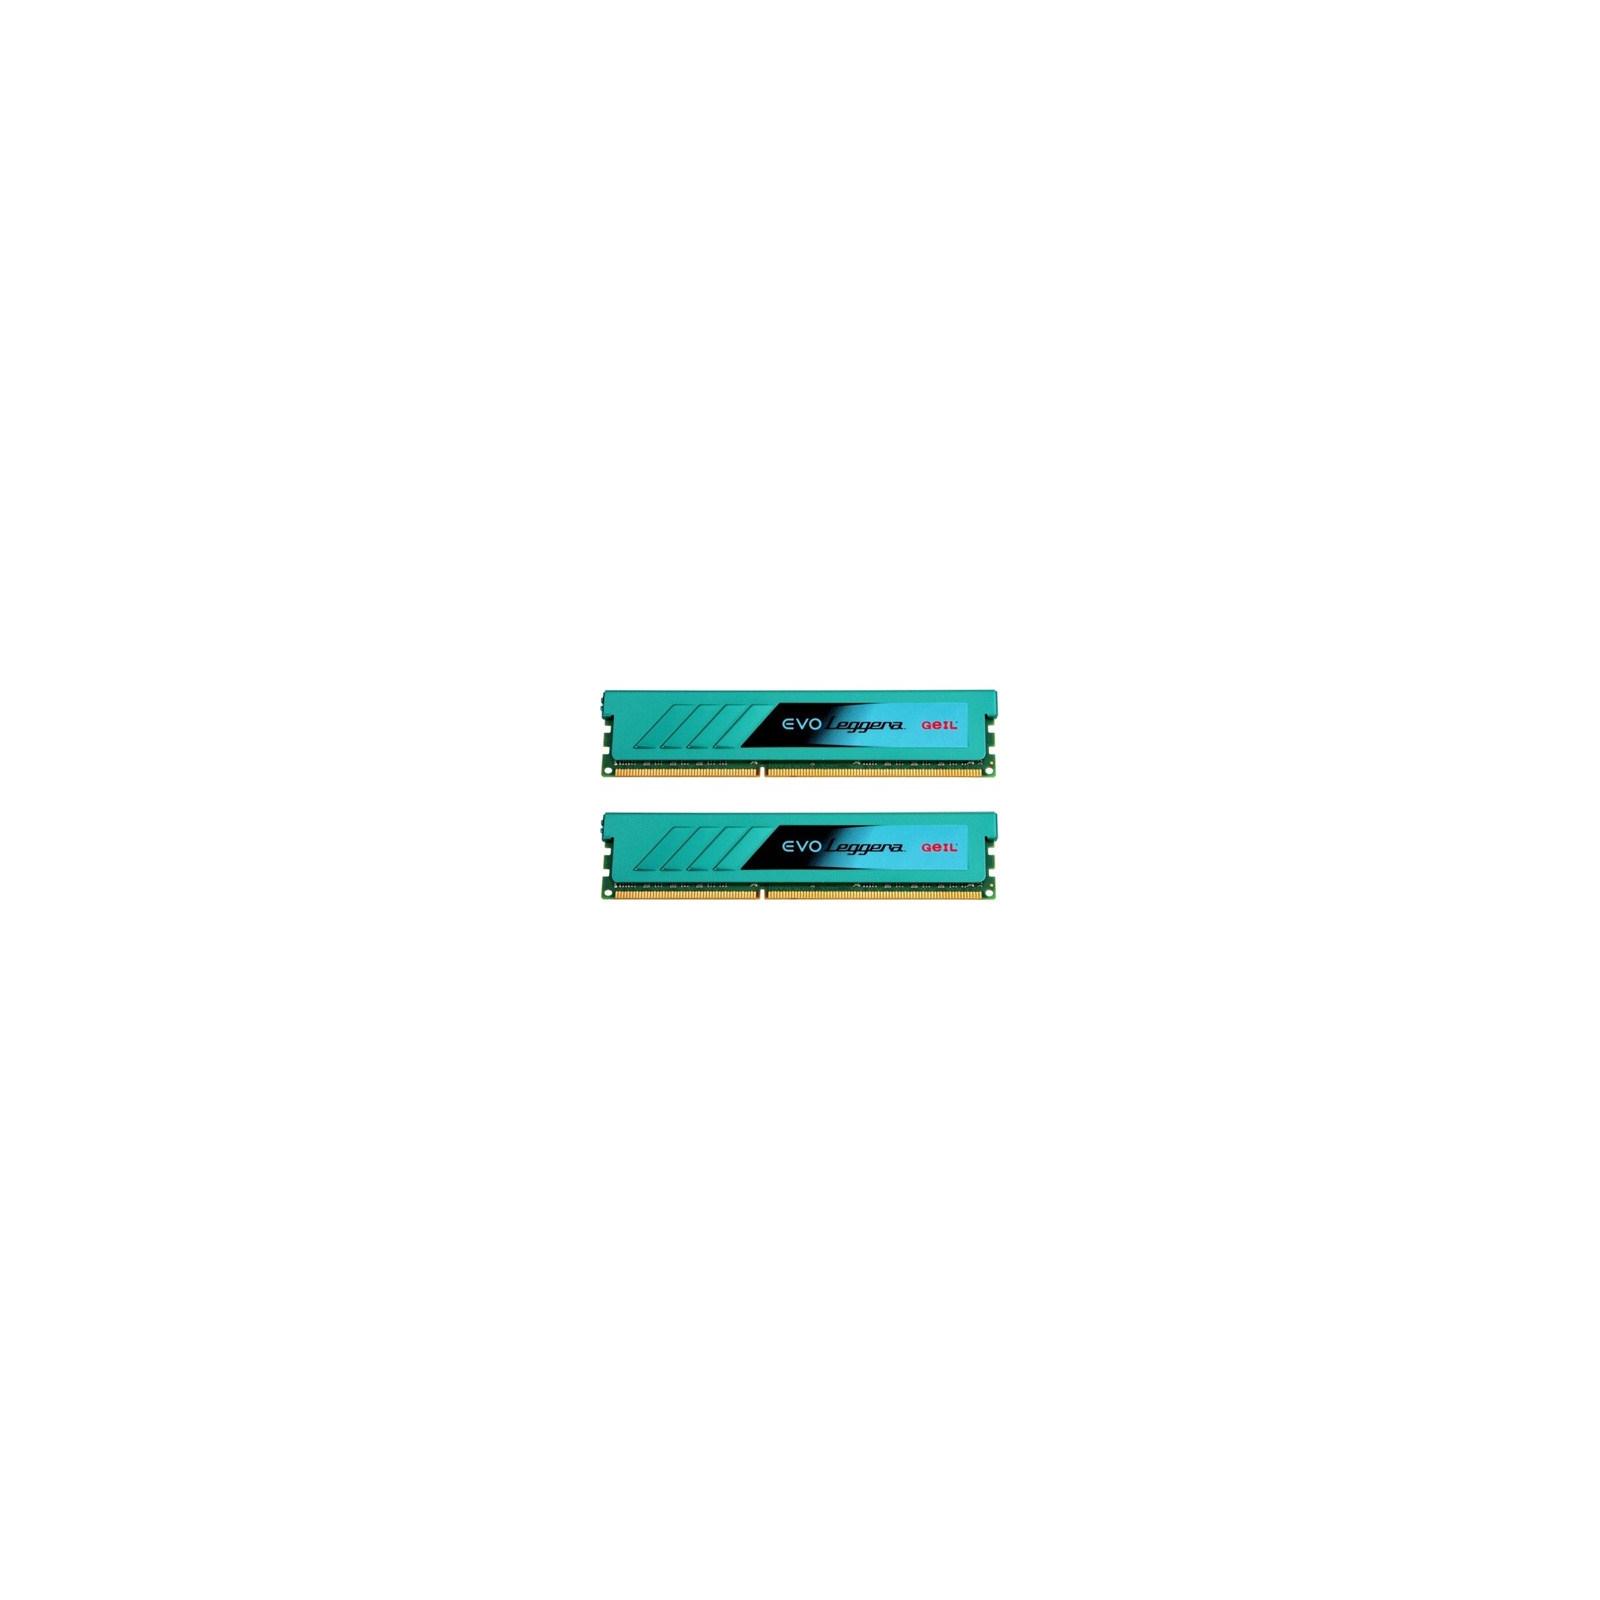 Модуль памяти для компьютера DDR3 16GB (2x8GB) 1866 MHz GEIL (GEL316GB1866C10DC)